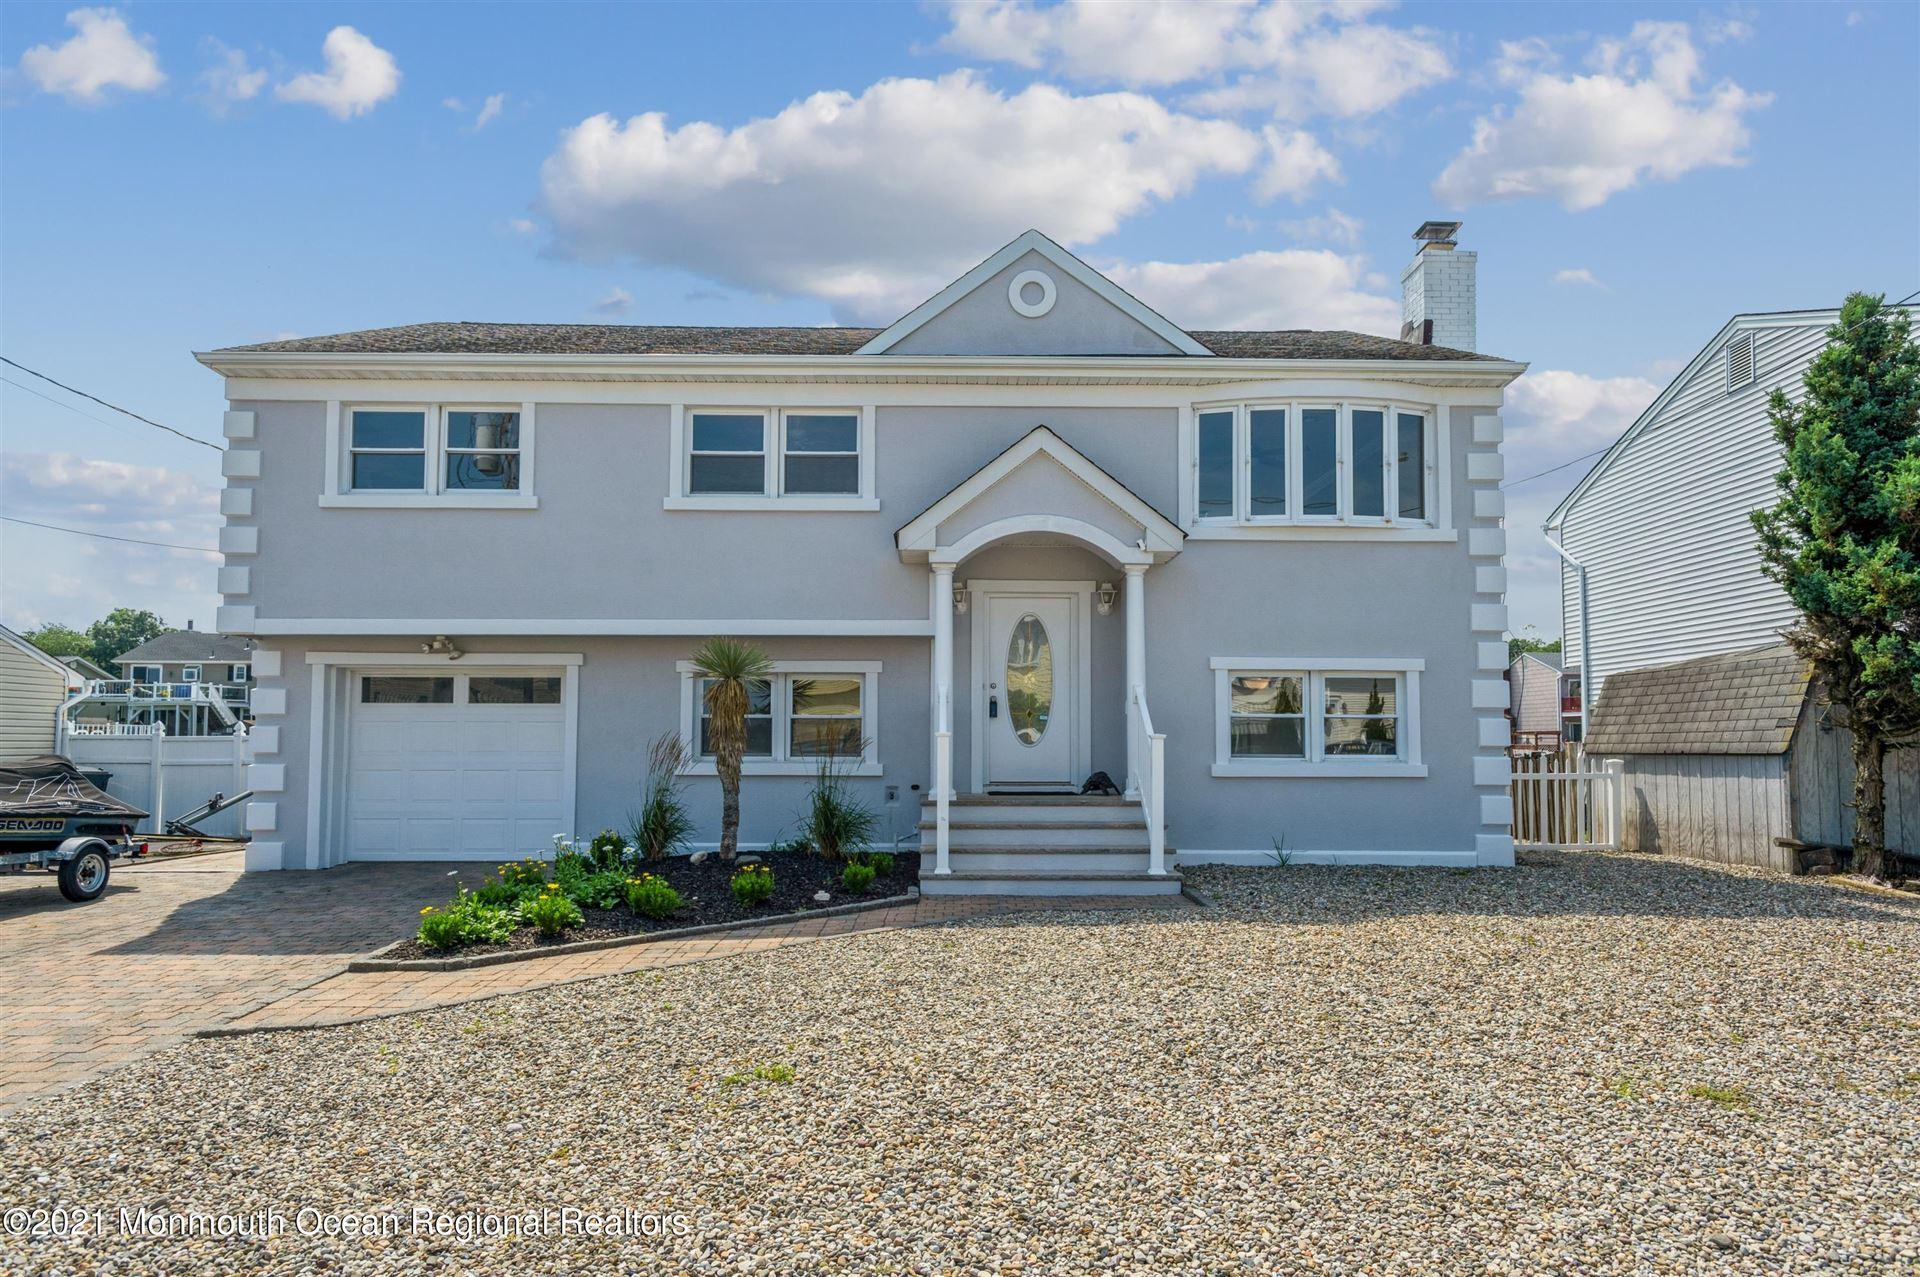 12 Homewood Drive, Brick, NJ 08723 - MLS#: 22122838